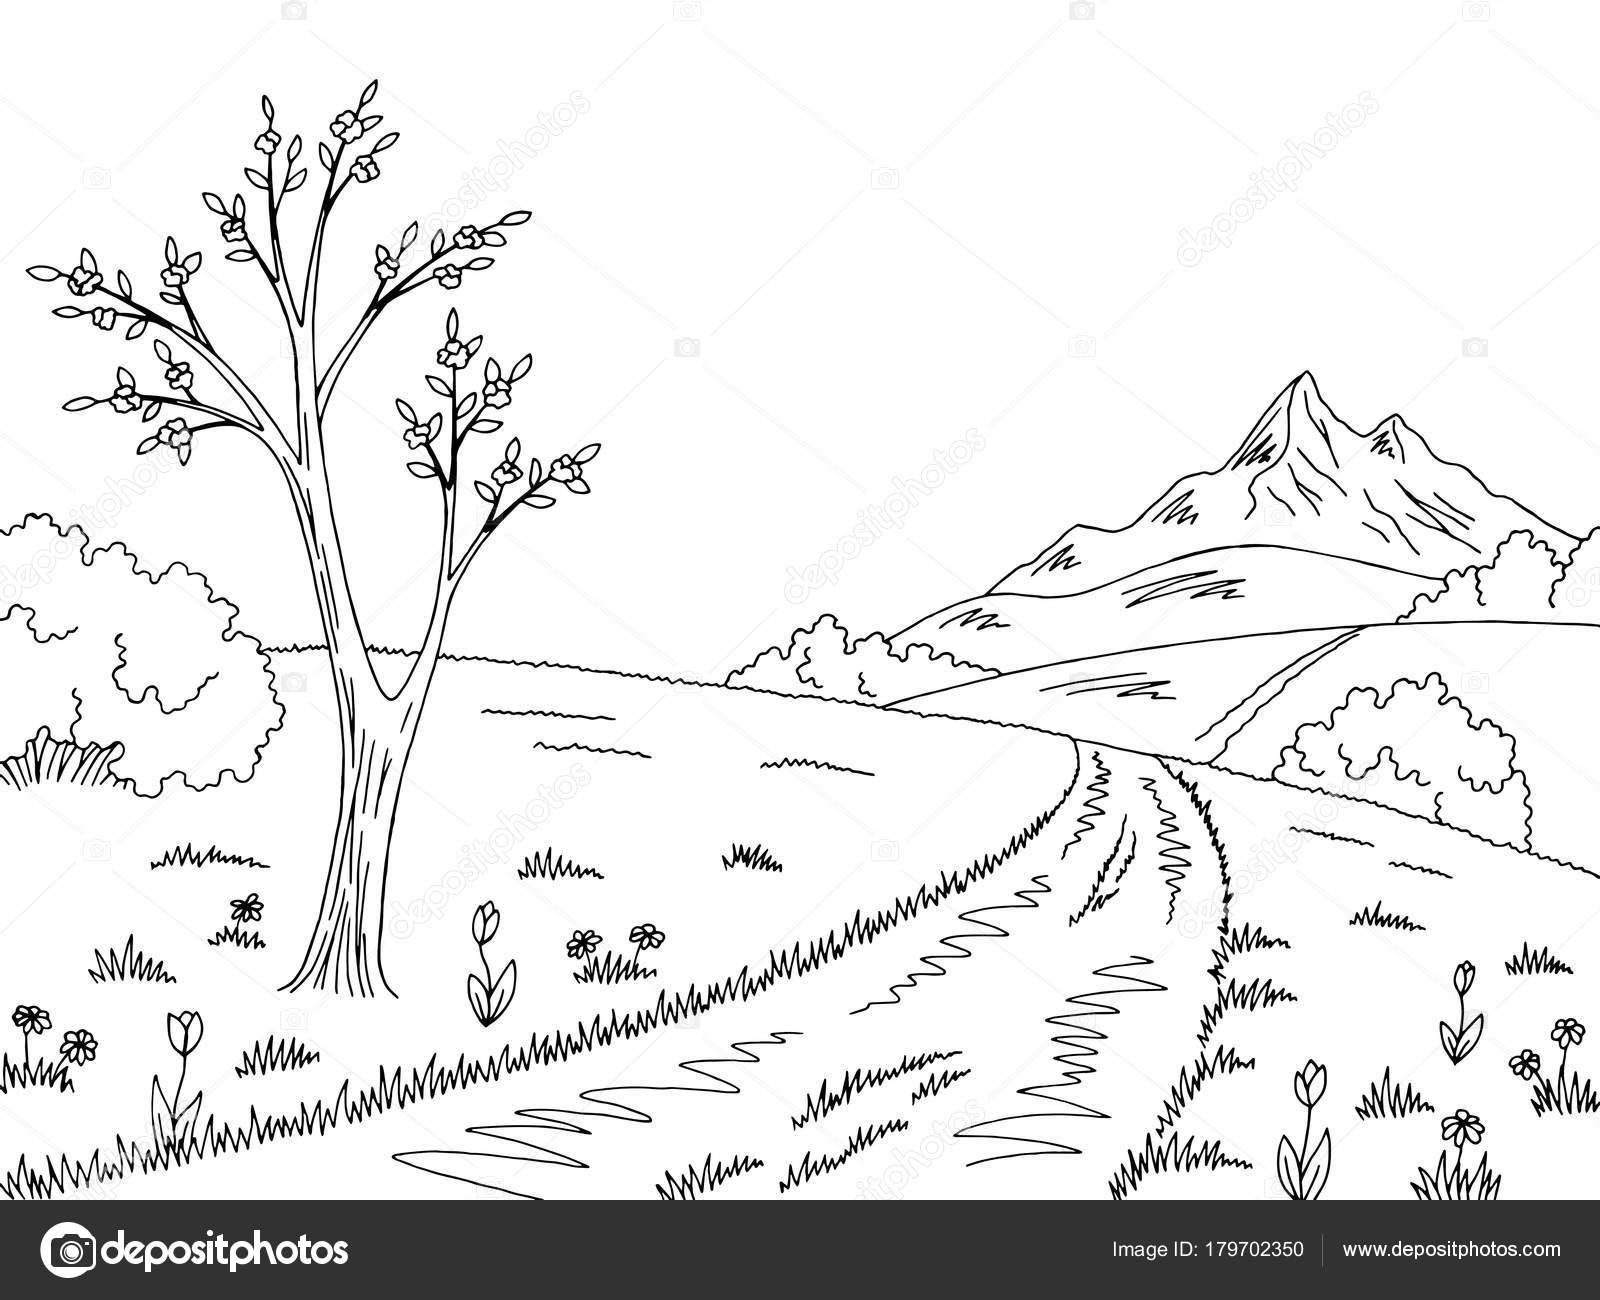 montanha estrada gráfico preto branco primavera paisagem desenho